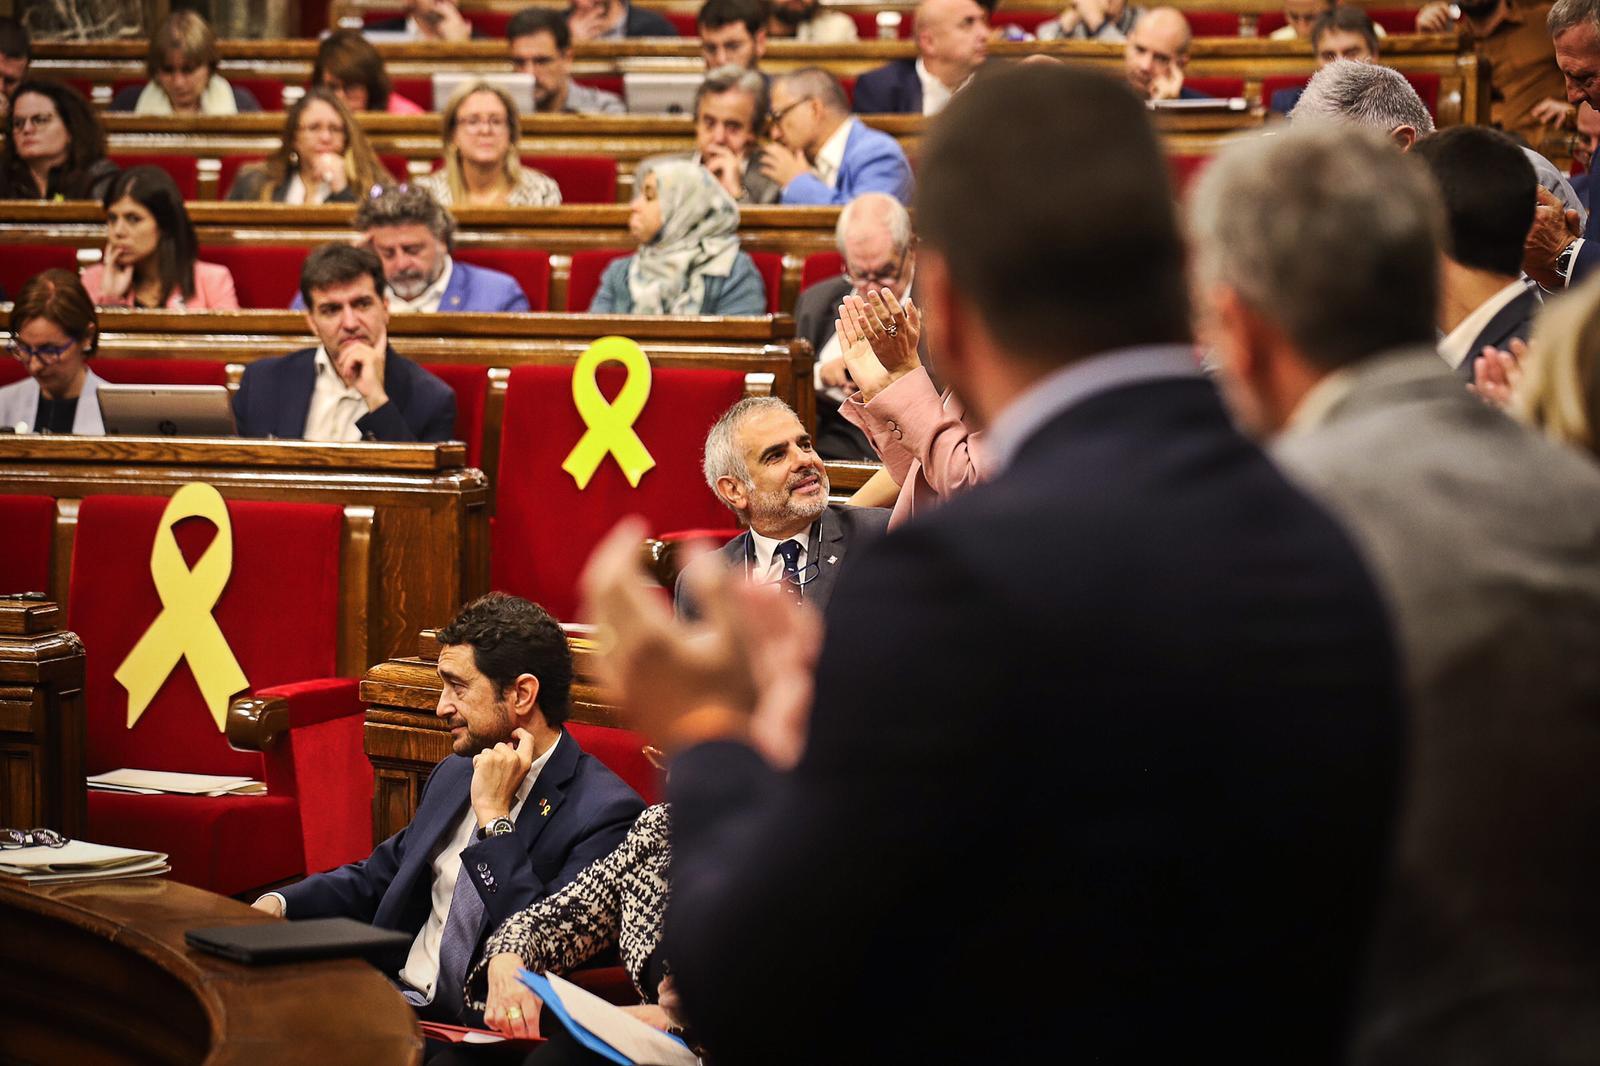 Els diputats de Ciutadans aplaudeixen Carlos Carrizosa després de pronunciar el seu discurs en el debat de moció de censura a Quim Torra